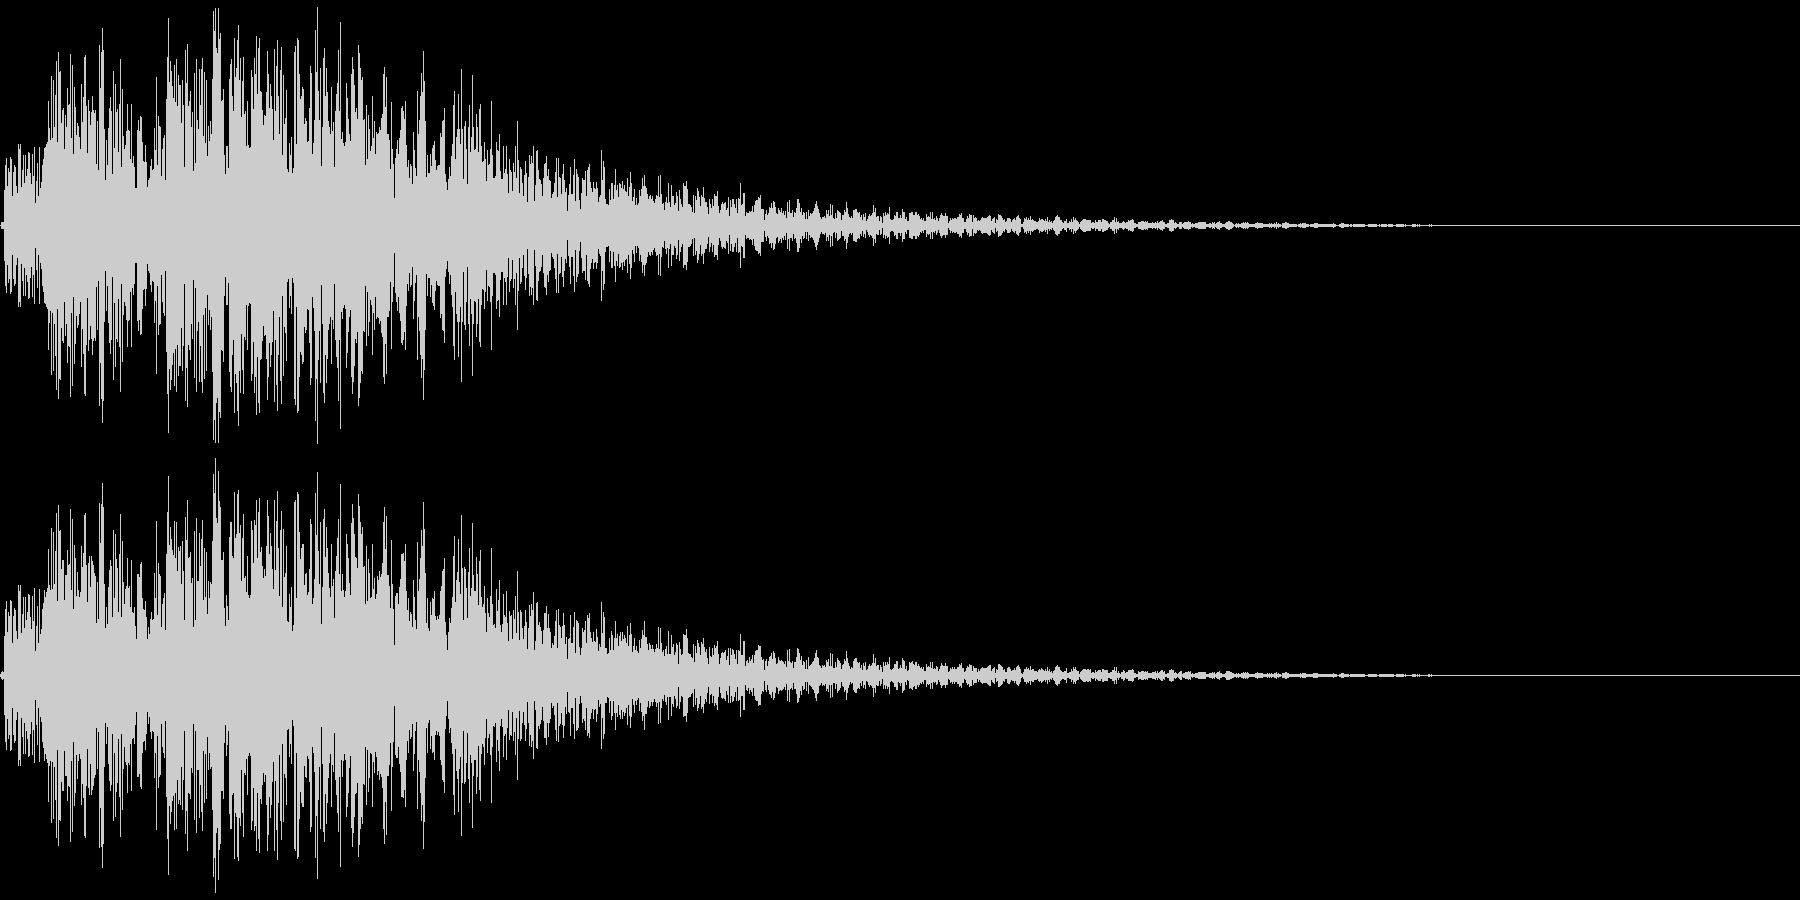 テレレレン↑ 琴 速い上昇の未再生の波形